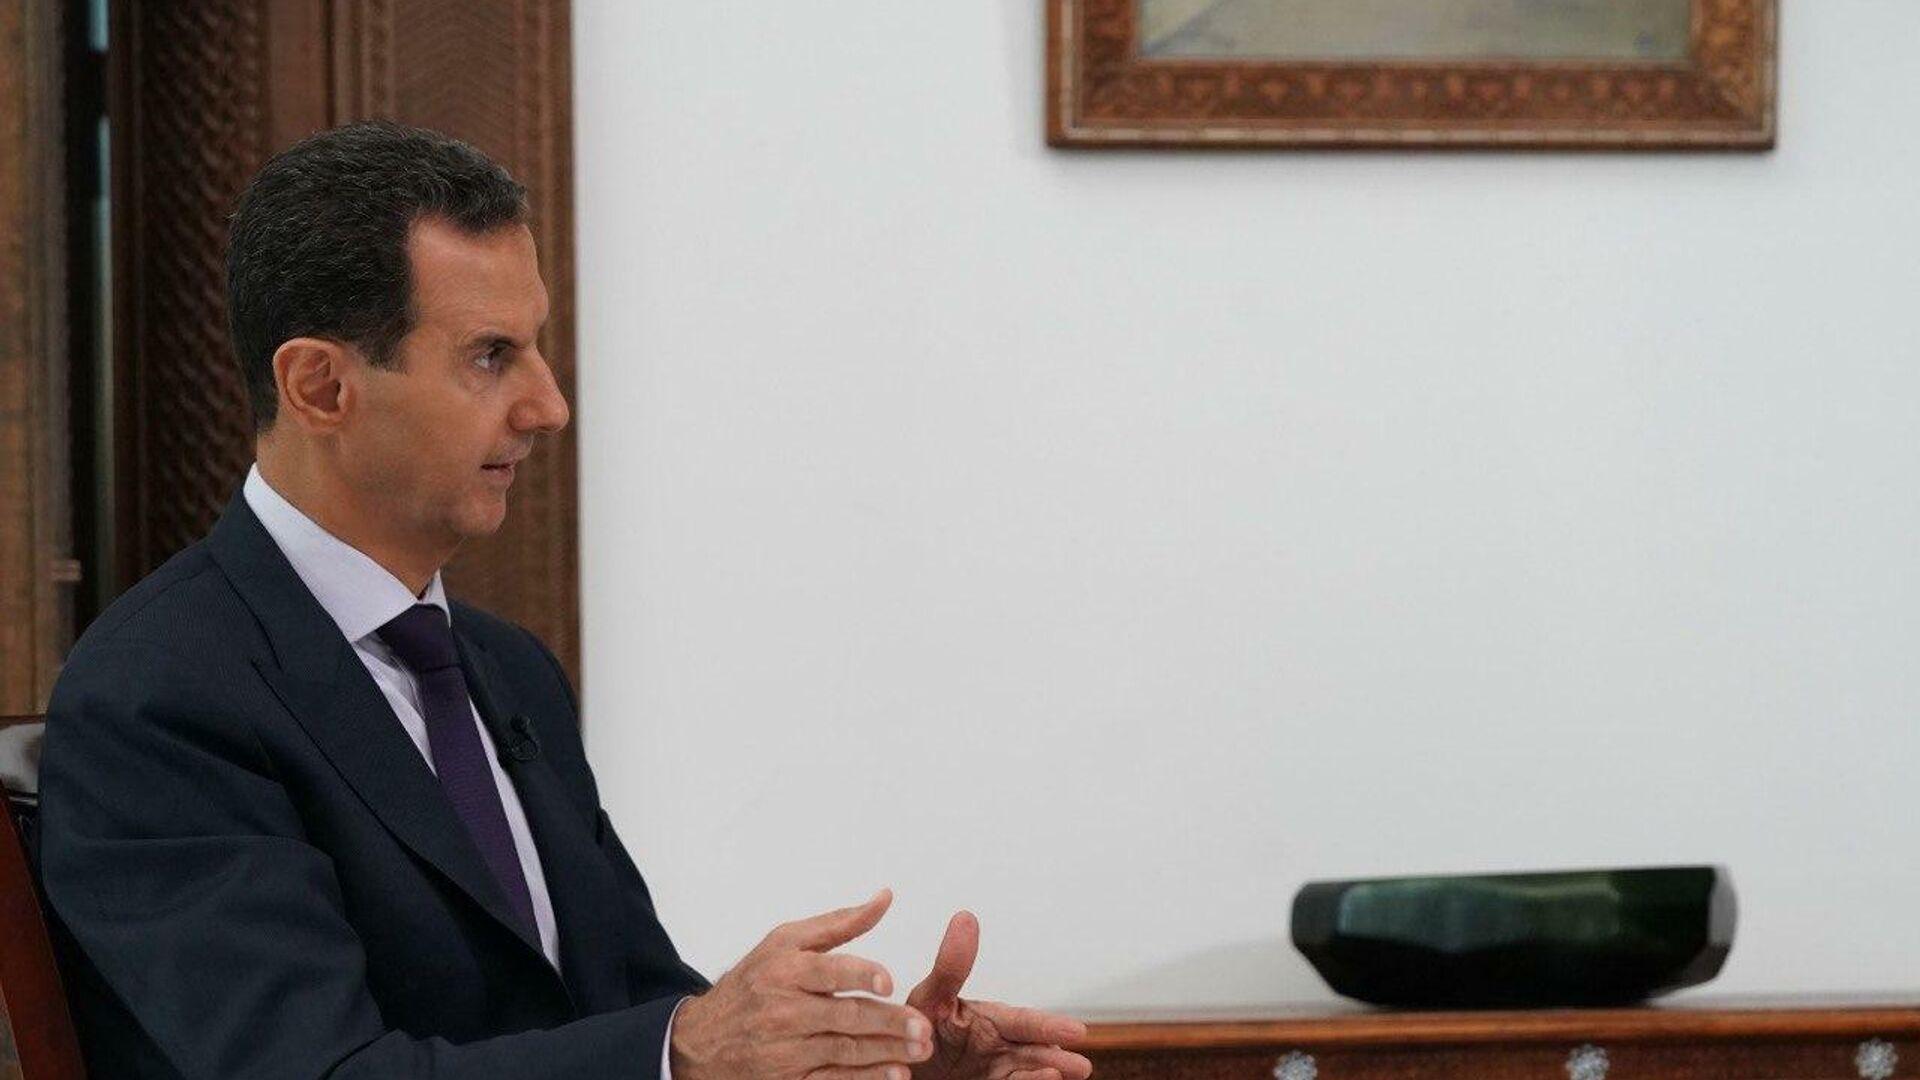 Президент Сирийской Арабской Республики Башар Асад во время интервью информационному агентству РИА Новости - РИА Новости, 1920, 08.10.2020